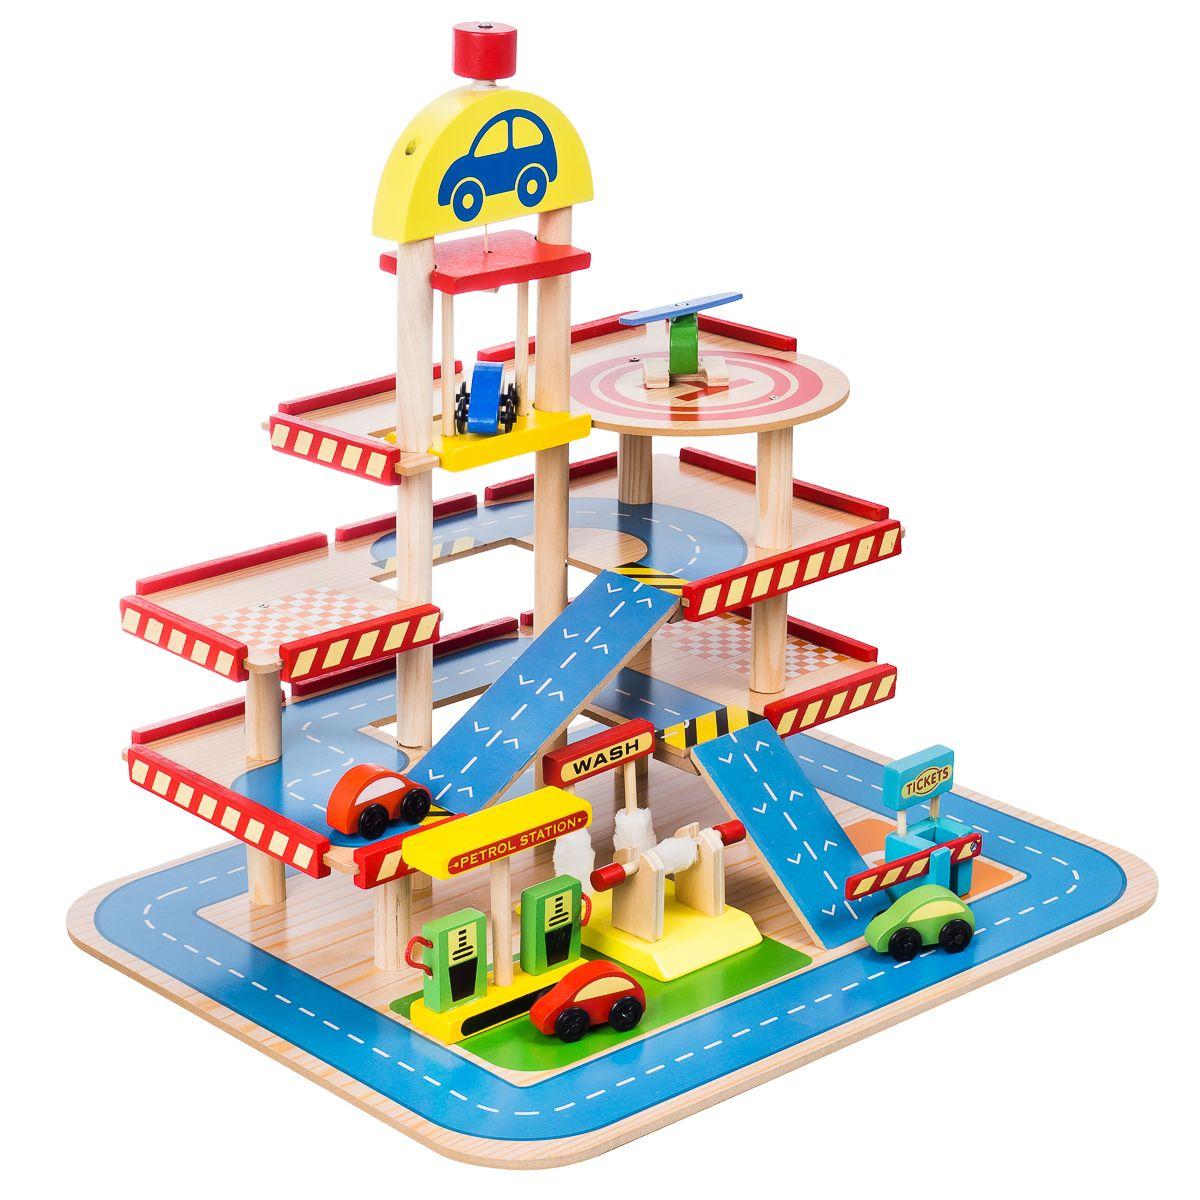 Duzy Drewniany Garaz Parking Dla Dzieci Winda Auta 7845275671 Allegro Pl Peg Jump